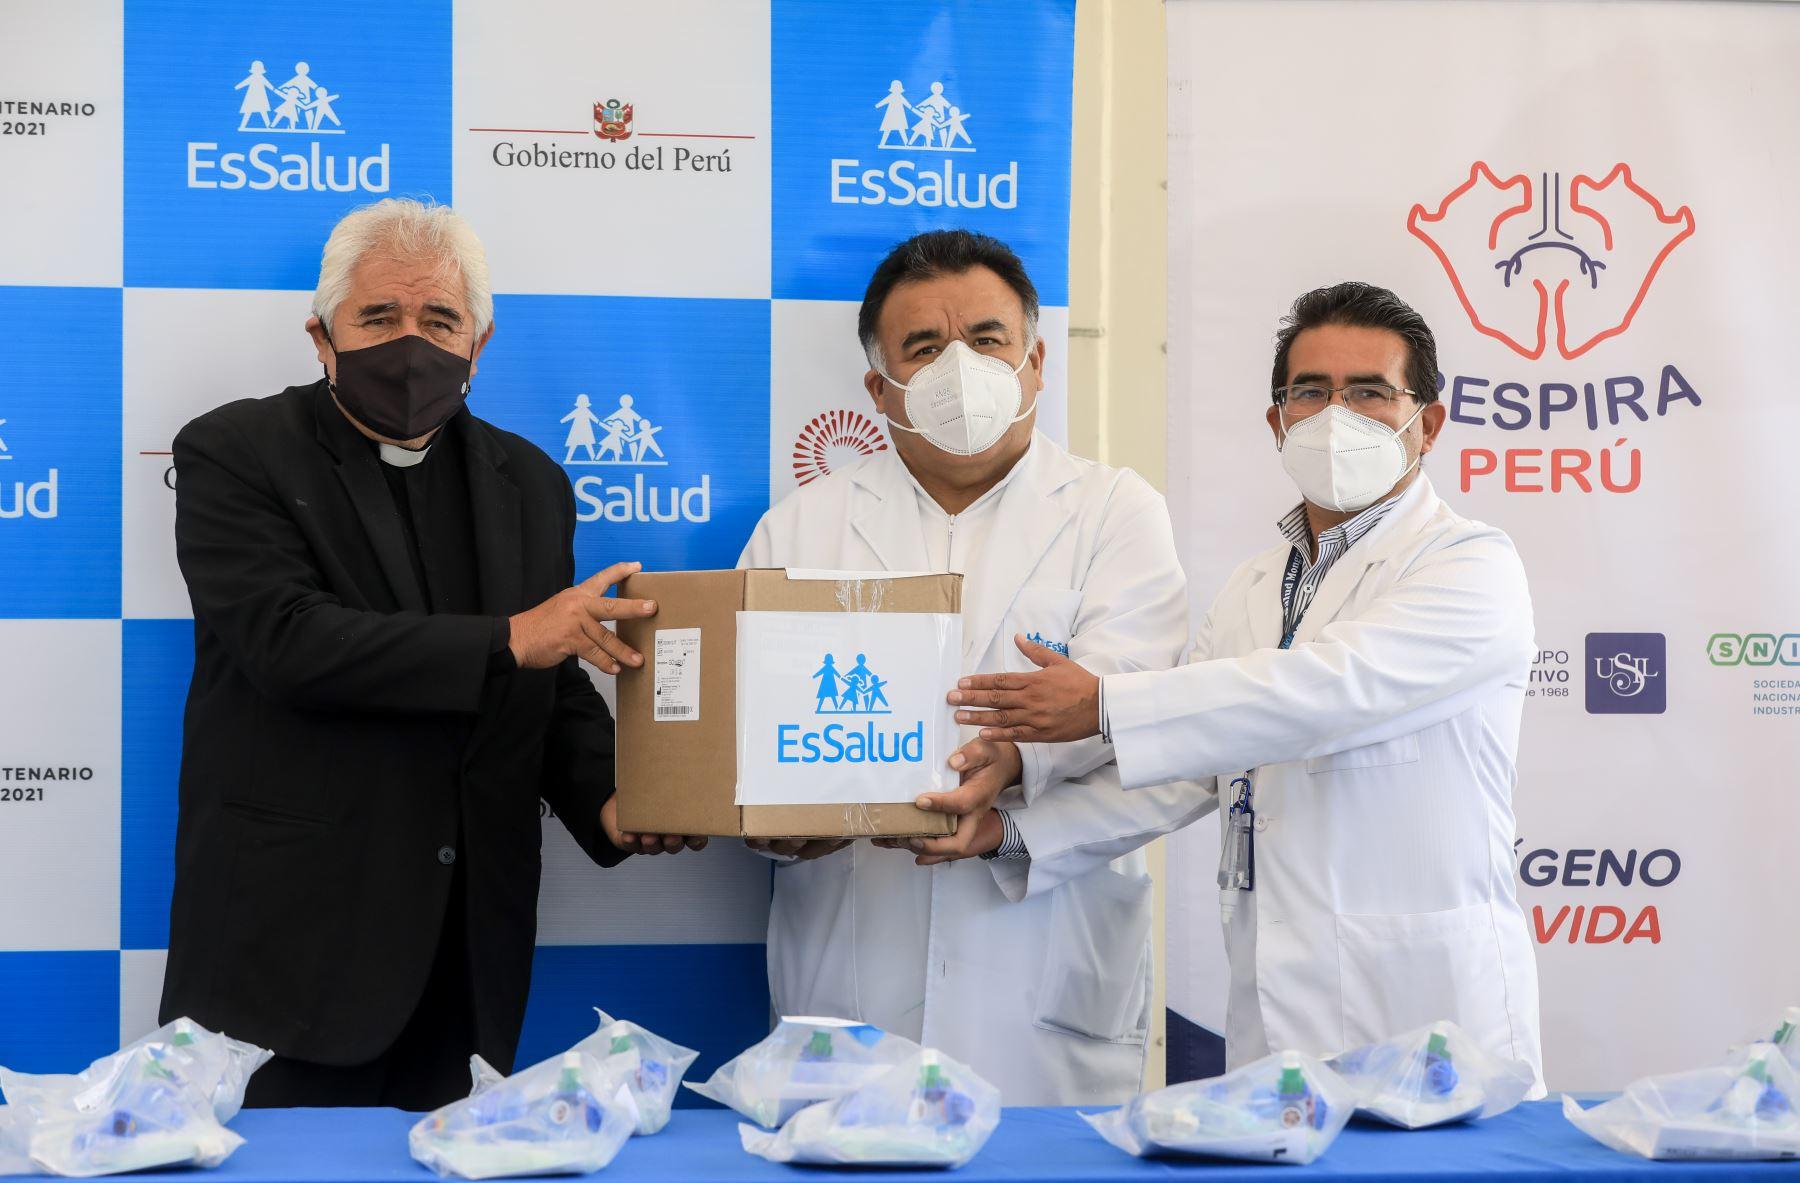 Respiradores serán distribuidos a los hospitales Sabogal y Negreiros, ambos del Callao, segunda región del país con más casos de coronavirus. Foto: ANDINA/EsSalud